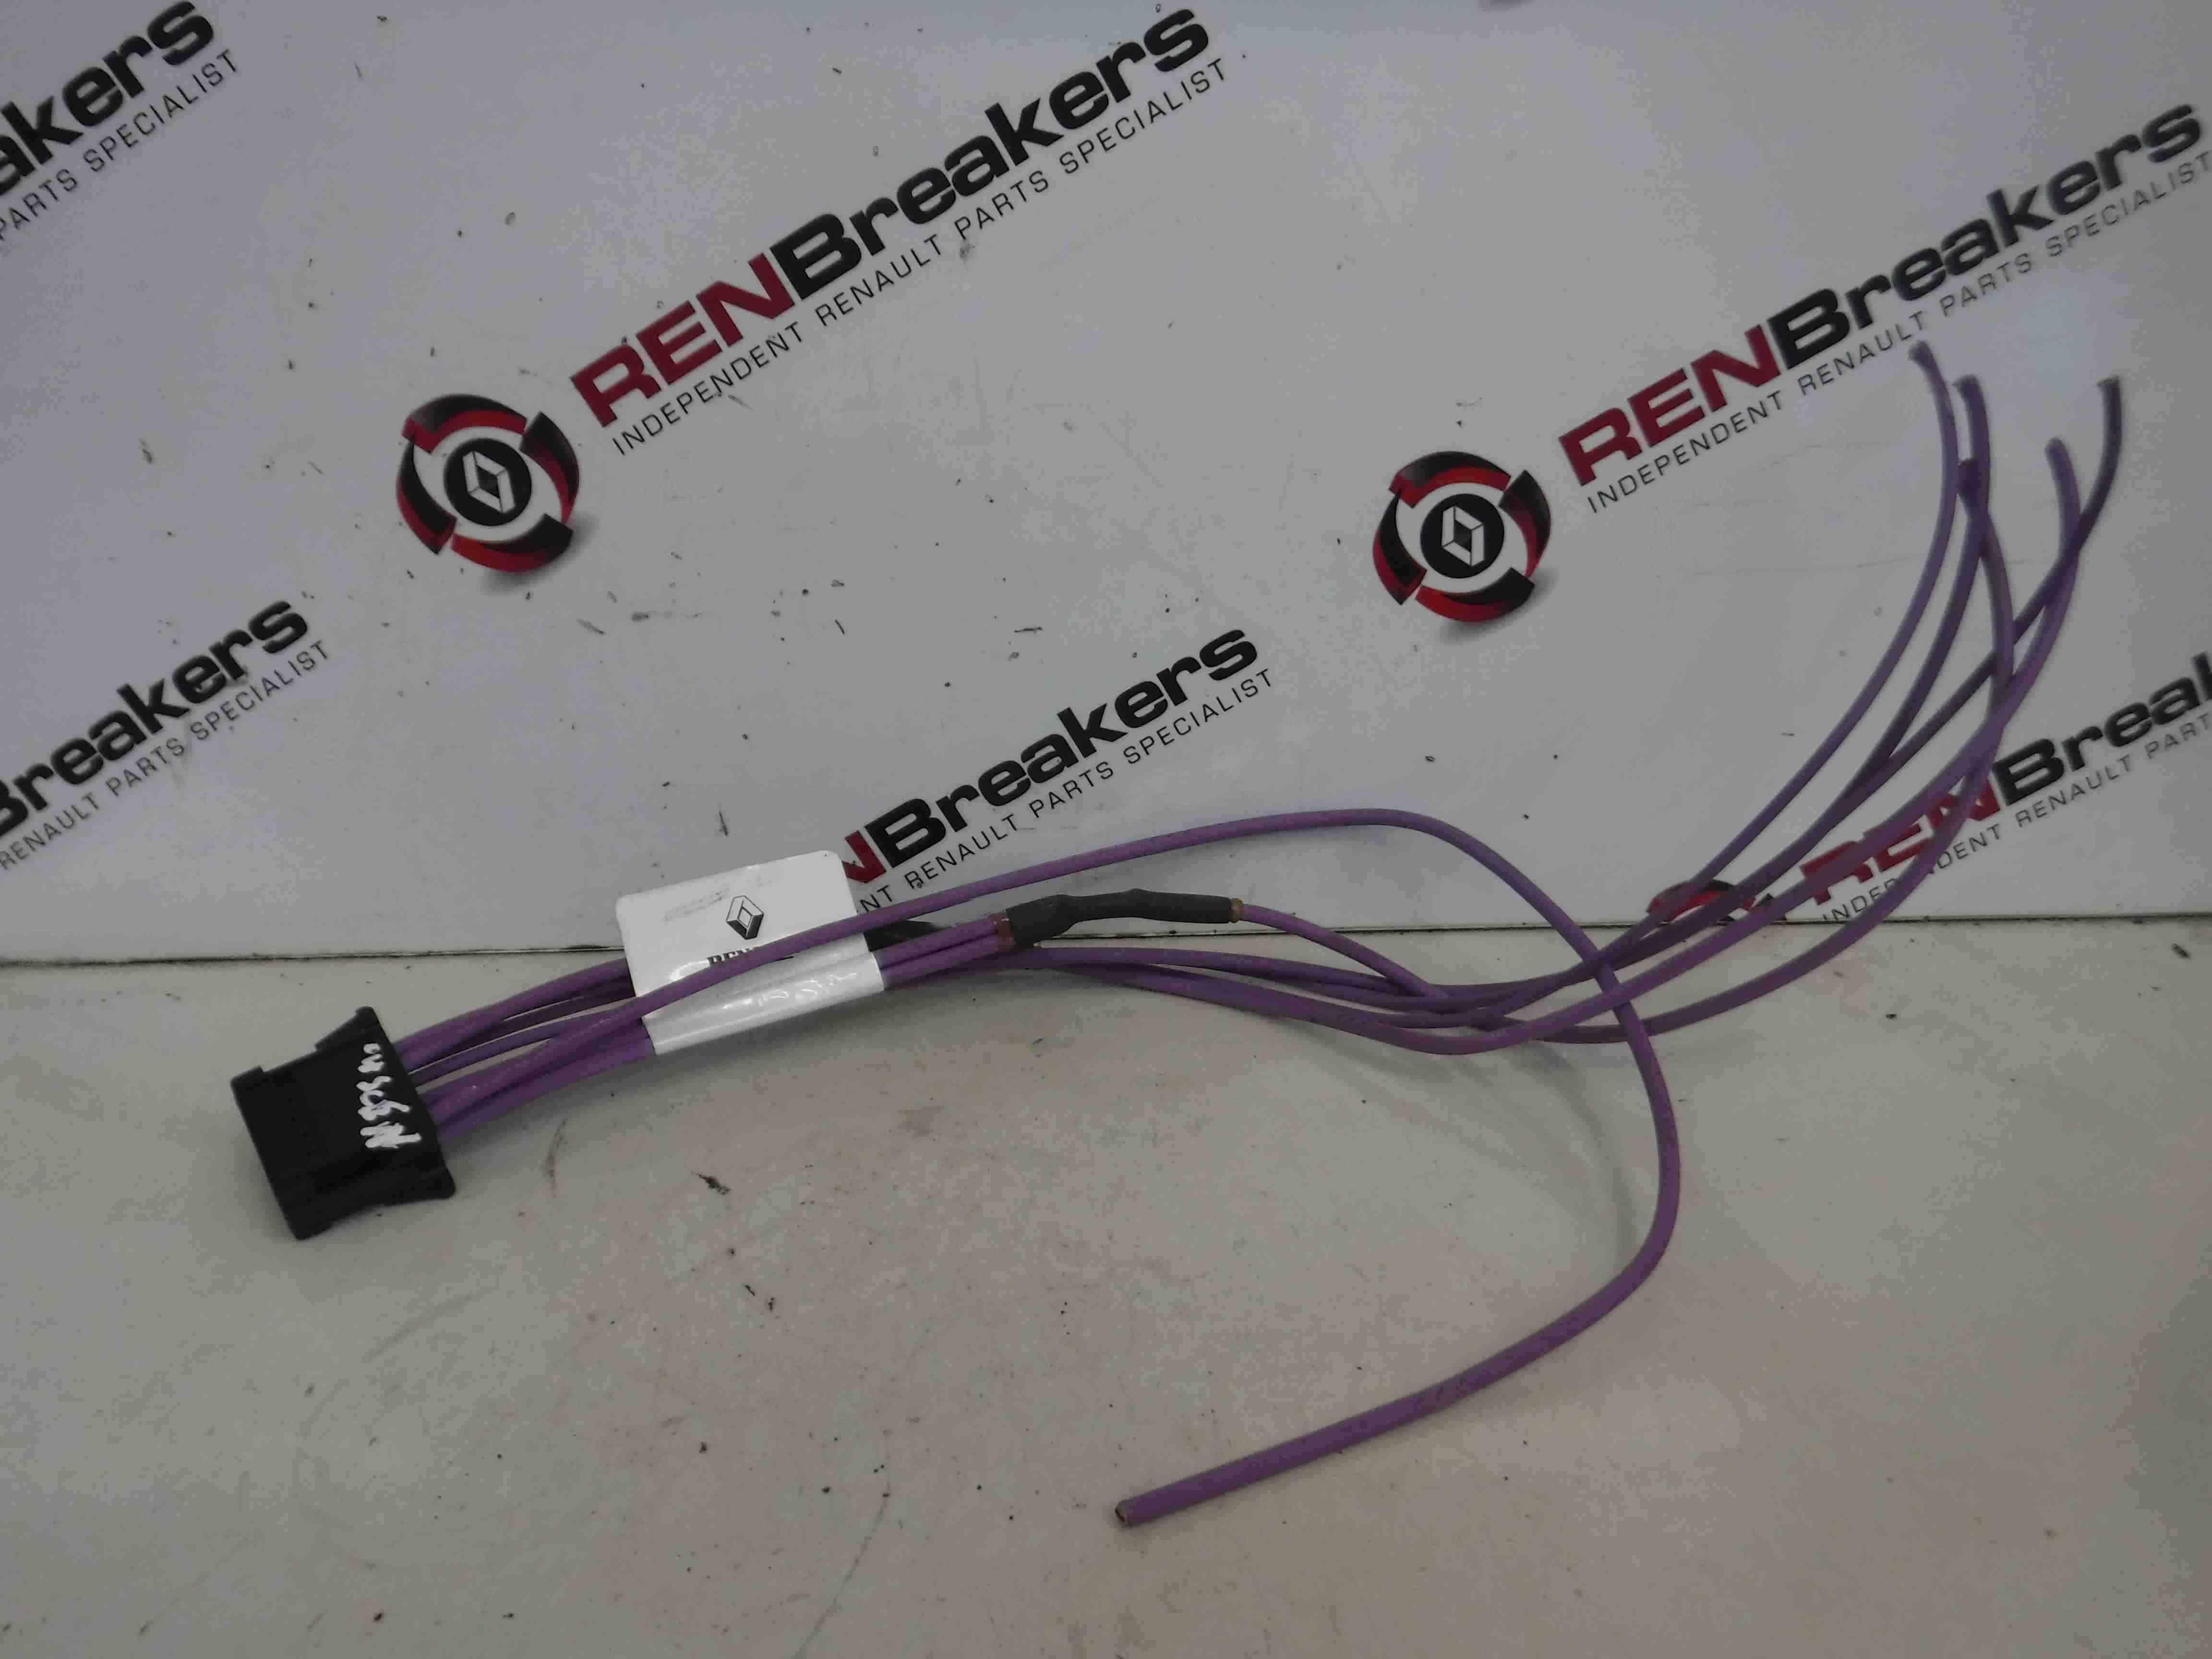 Renault Megane Scenic 2003-2009 Heater Resistor Plug Wiring Loom 8200729298